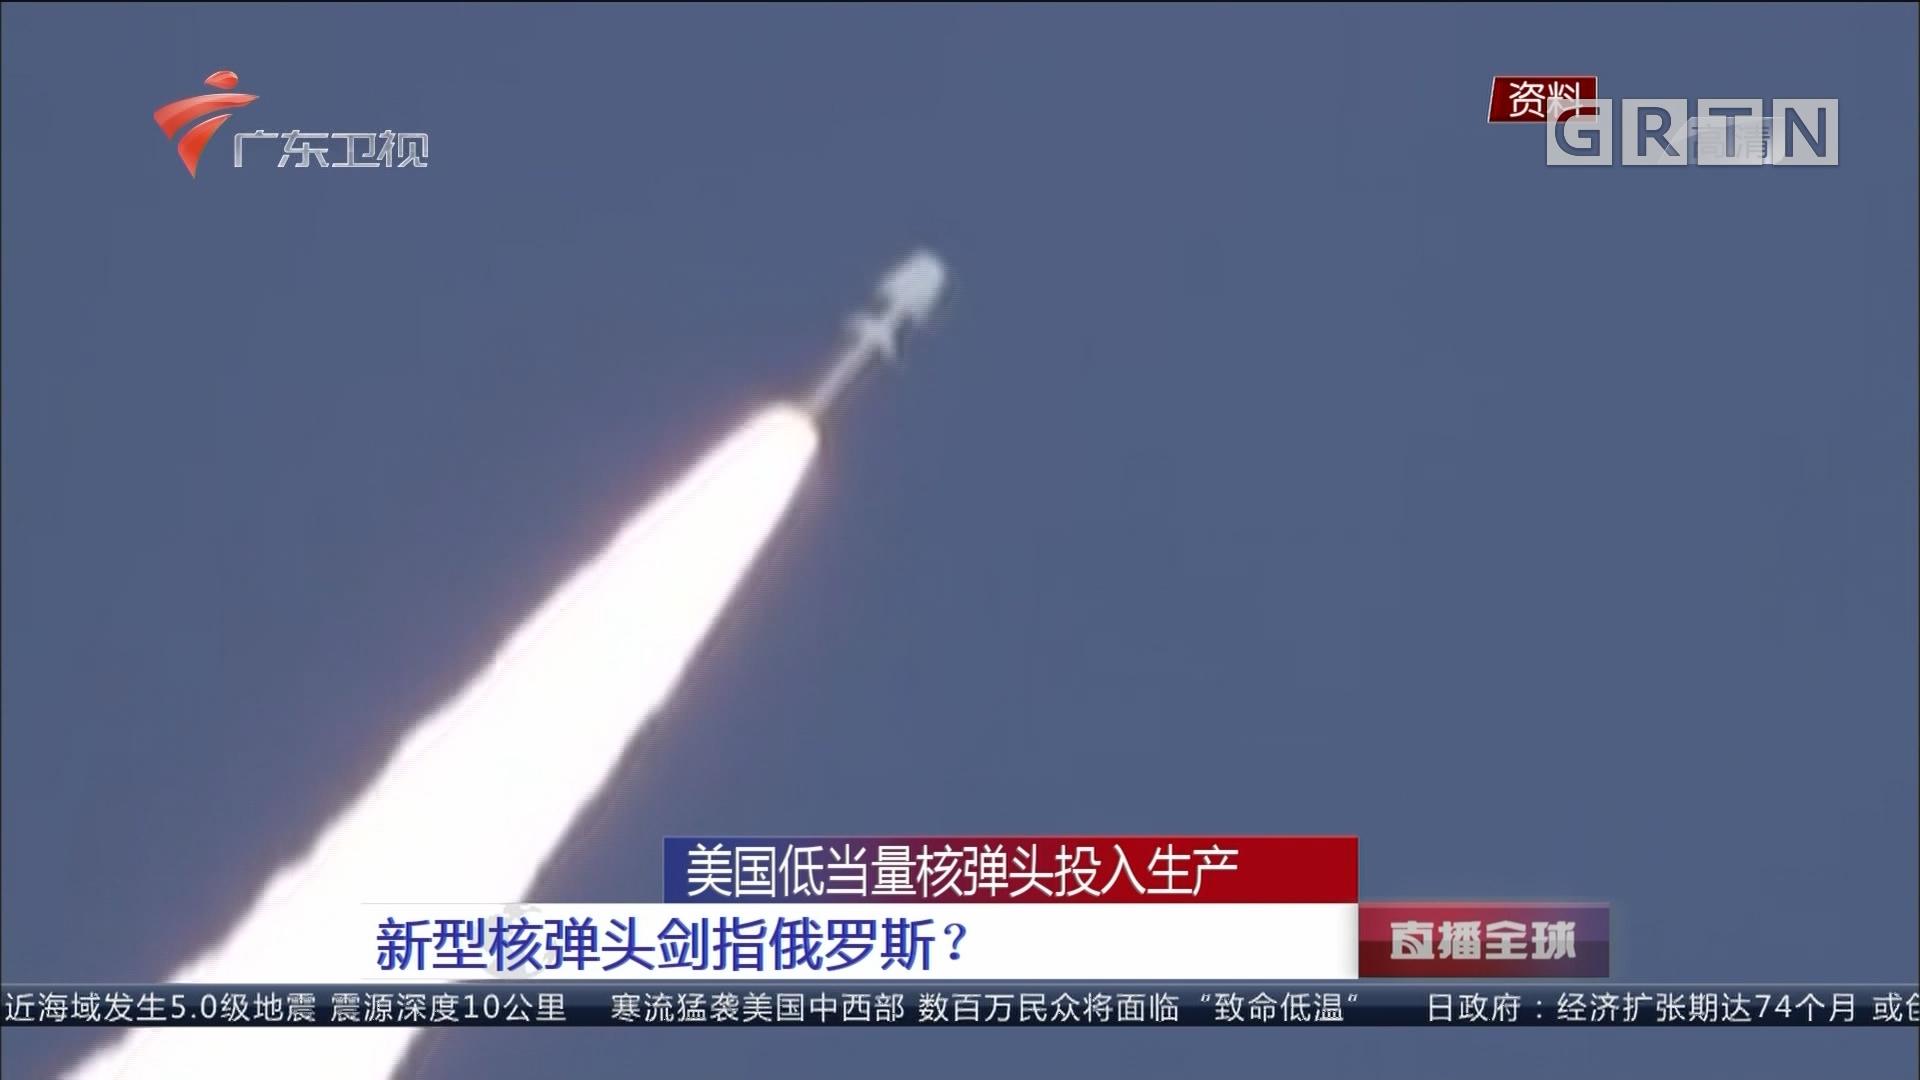 美国低当量核弹头投入生产:新型核弹头剑指俄罗斯?